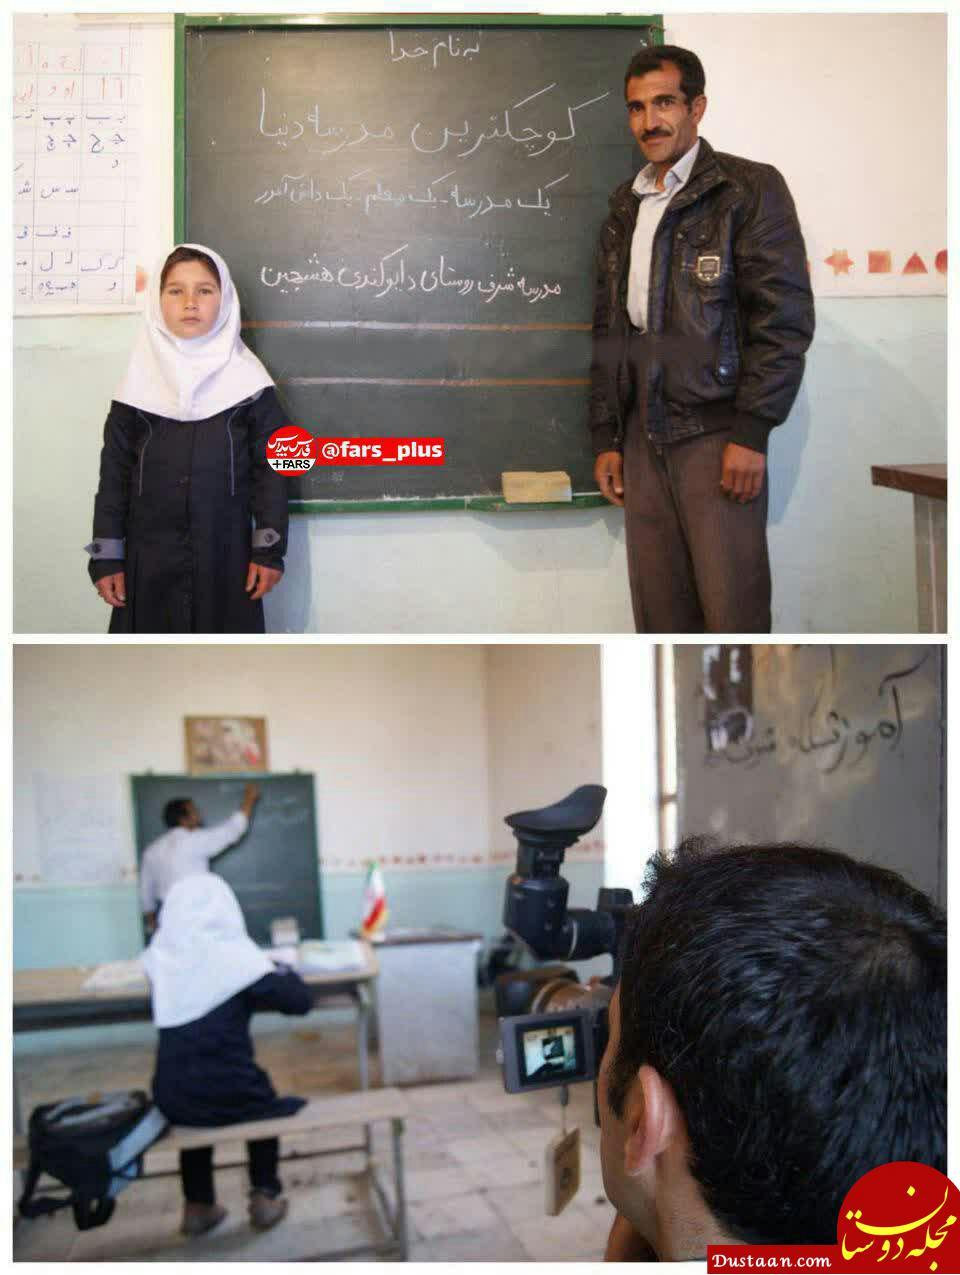 عکس: کوچکترین مدرسه دنیا با یک دانش آموز و یک معلم!